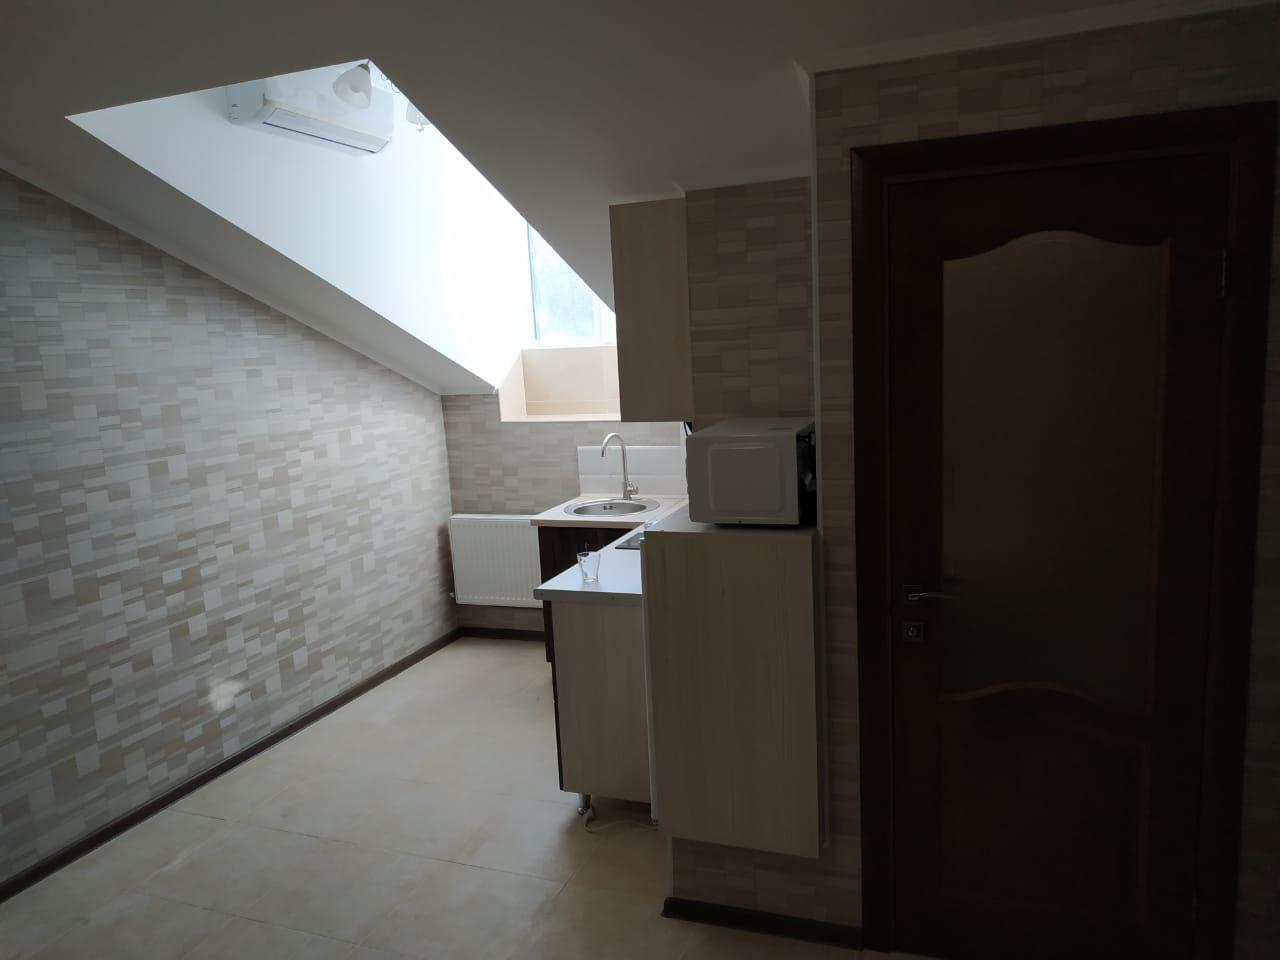 Квартира 125кв.м. Французький бульвар, для орендного бізнесу